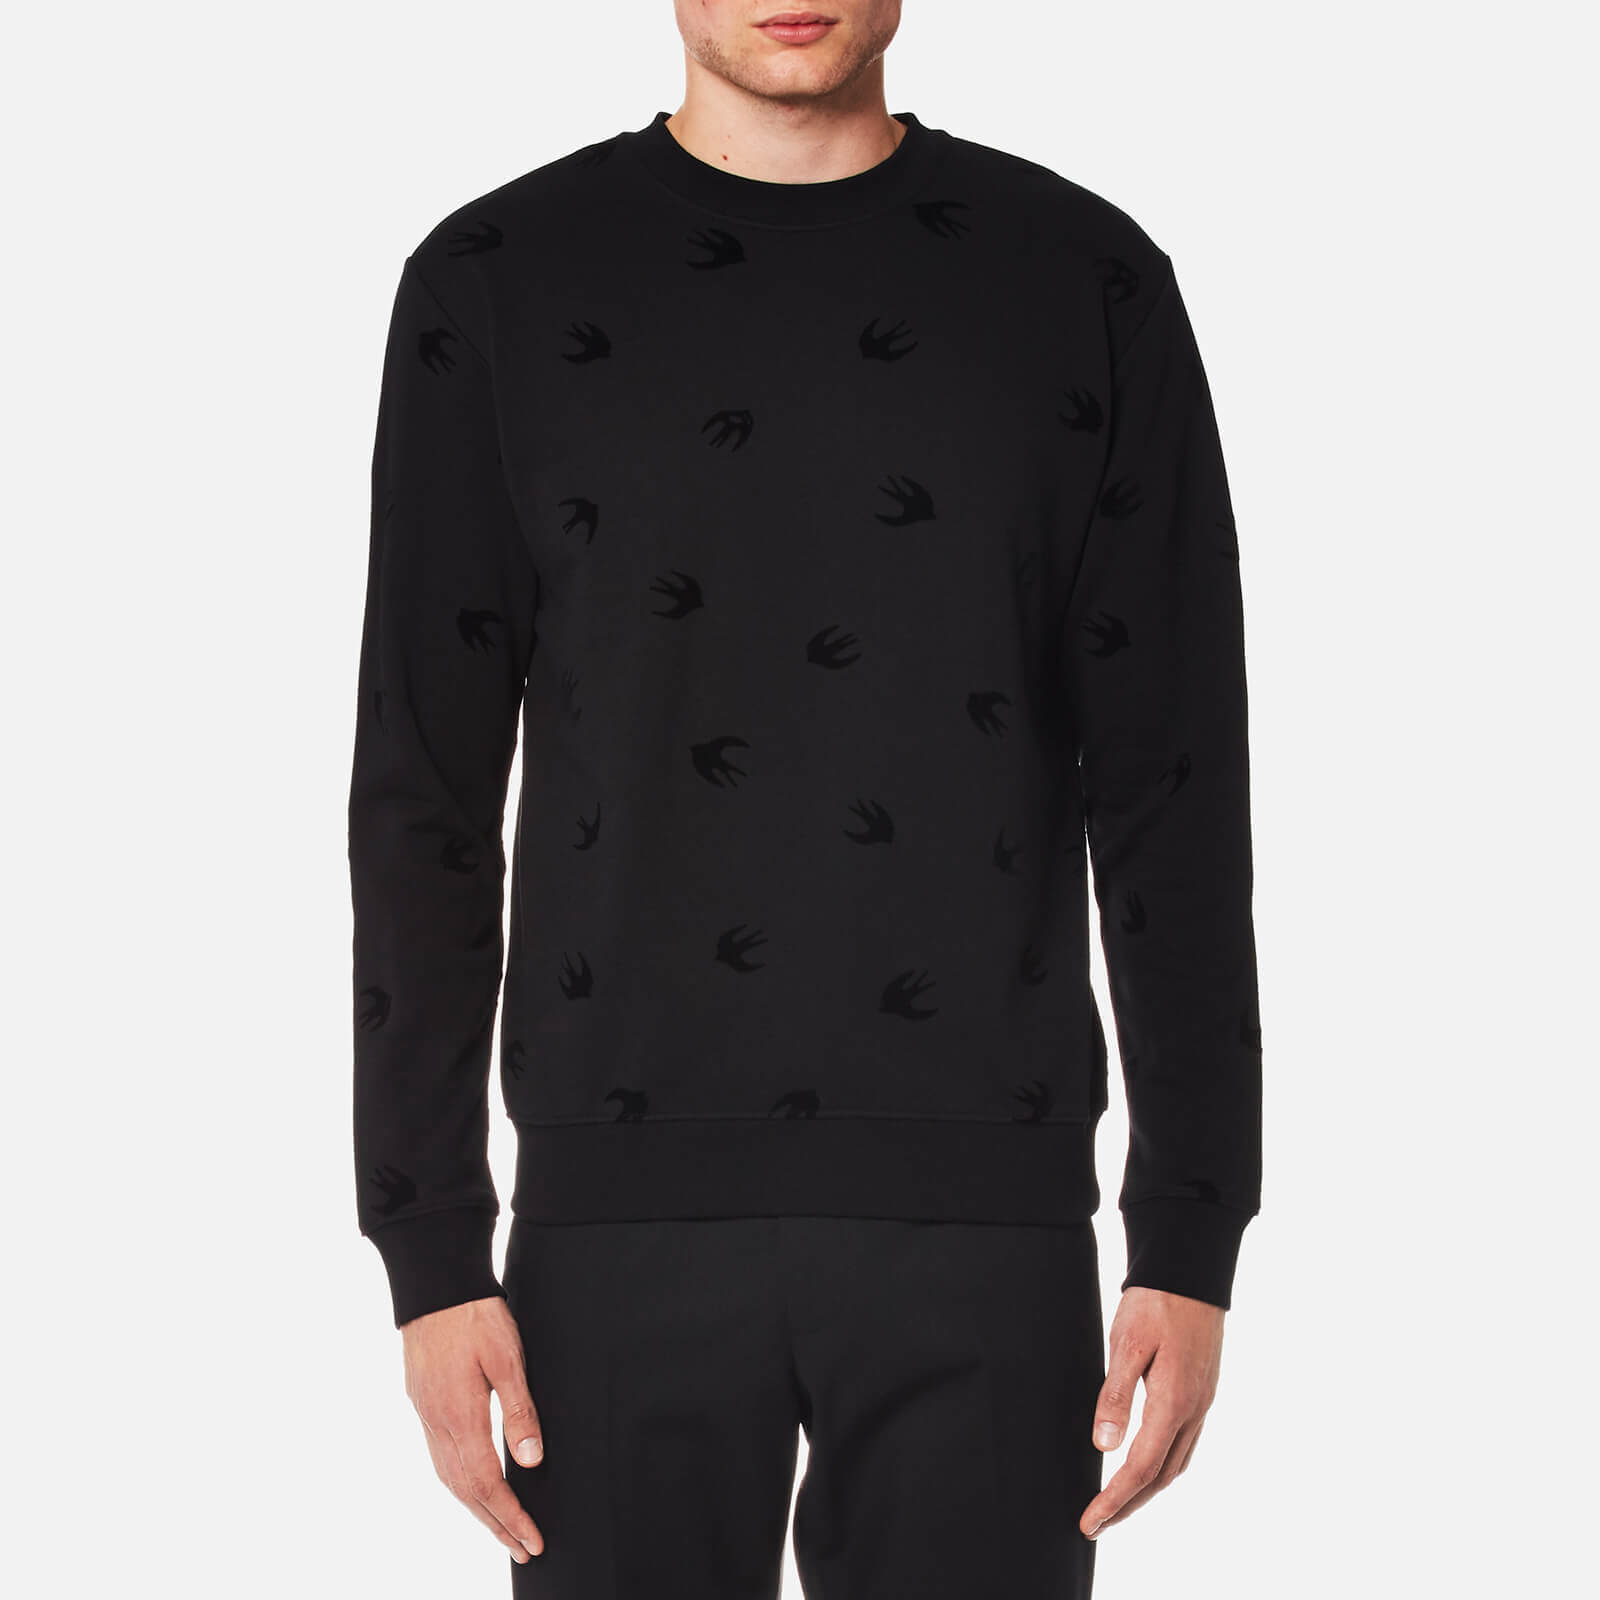 3a388148fca McQ Alexander McQueen Men s Swallow Sweatshirt - Darkest Black - Free UK  Delivery over £50